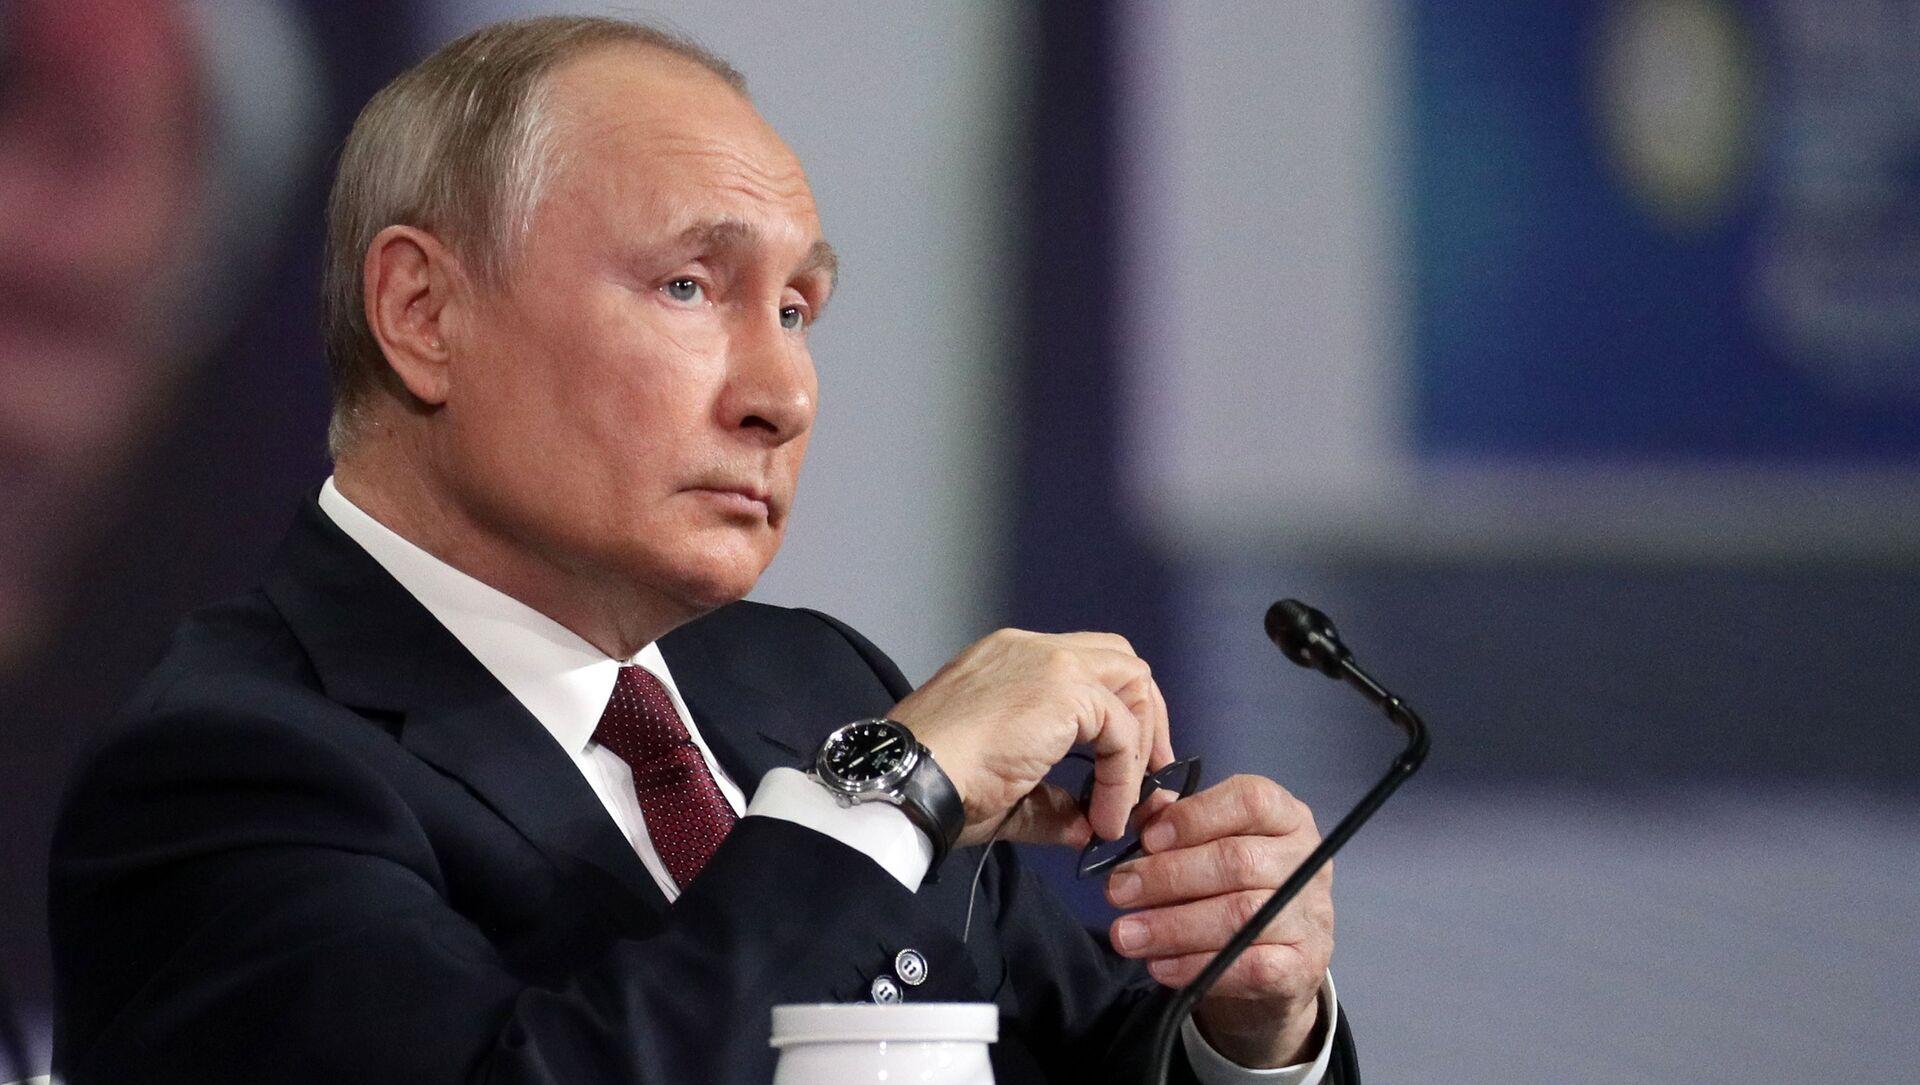 Prezydent Rosji Władimir Putin na Międzynarodowym Forum Ekonomicznym w Petersburgu, 5 czerwca 2021 r. - Sputnik Polska, 1920, 14.06.2021